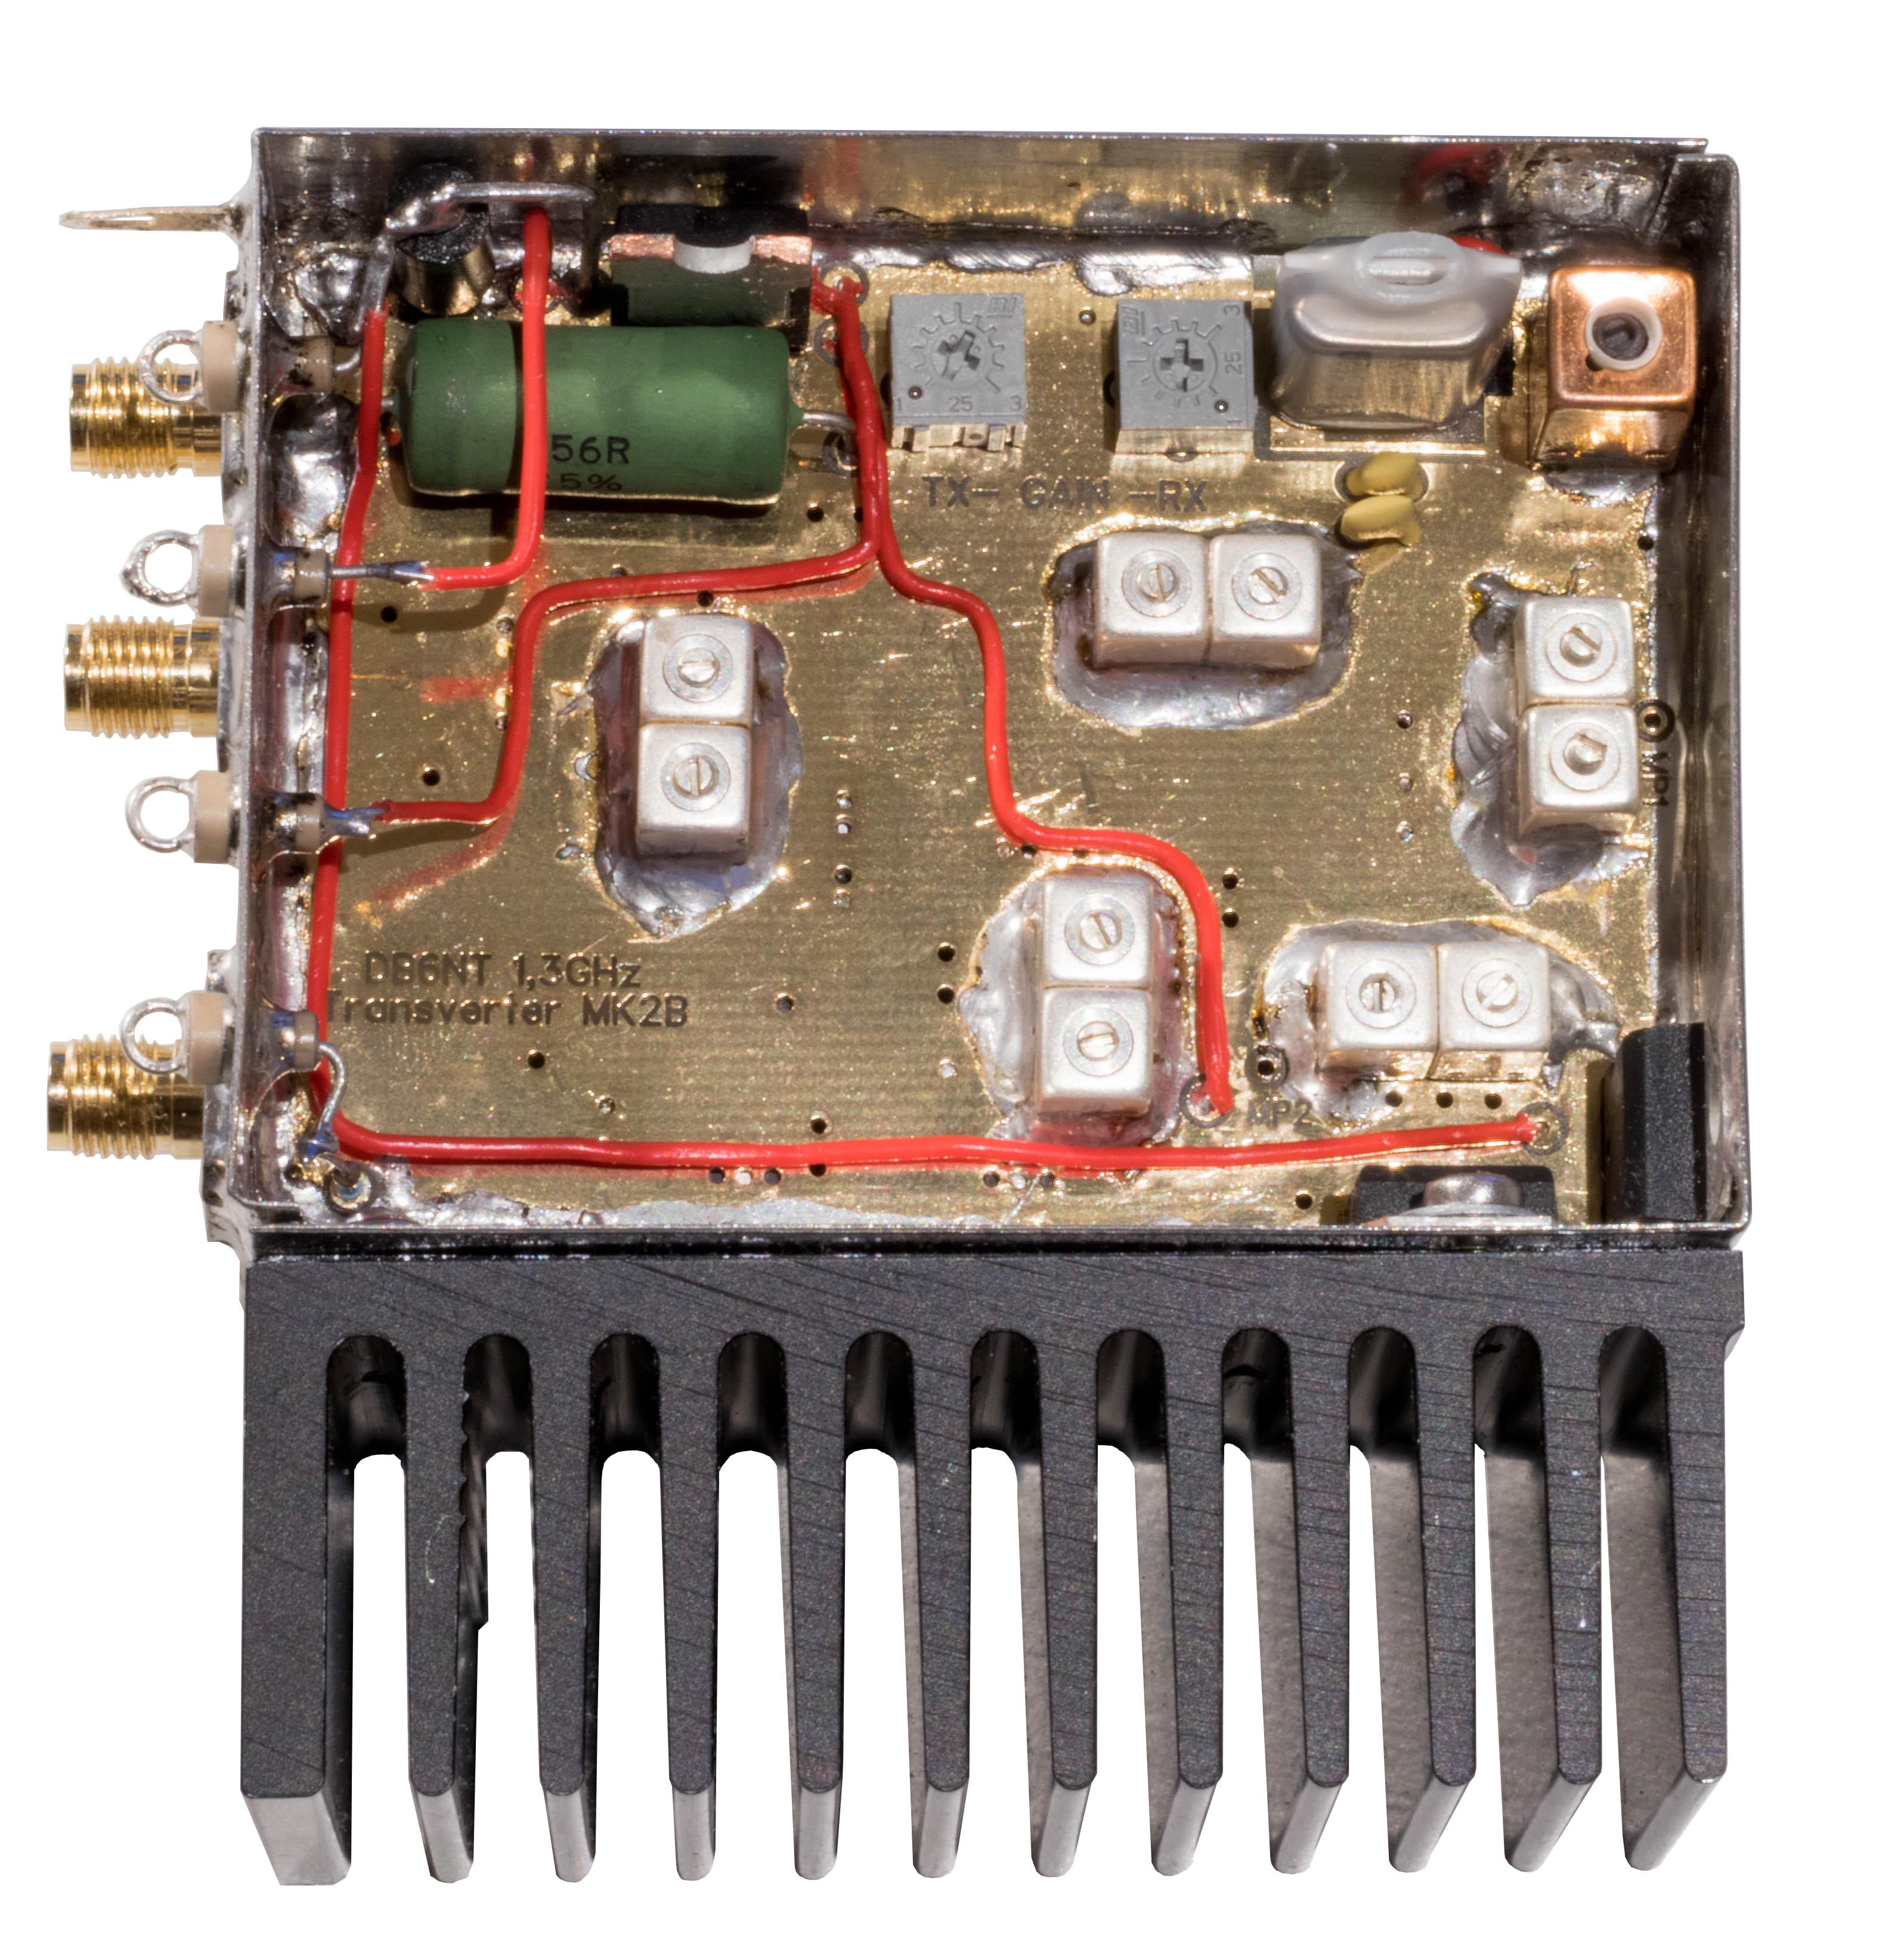 Transverter 23cm kit